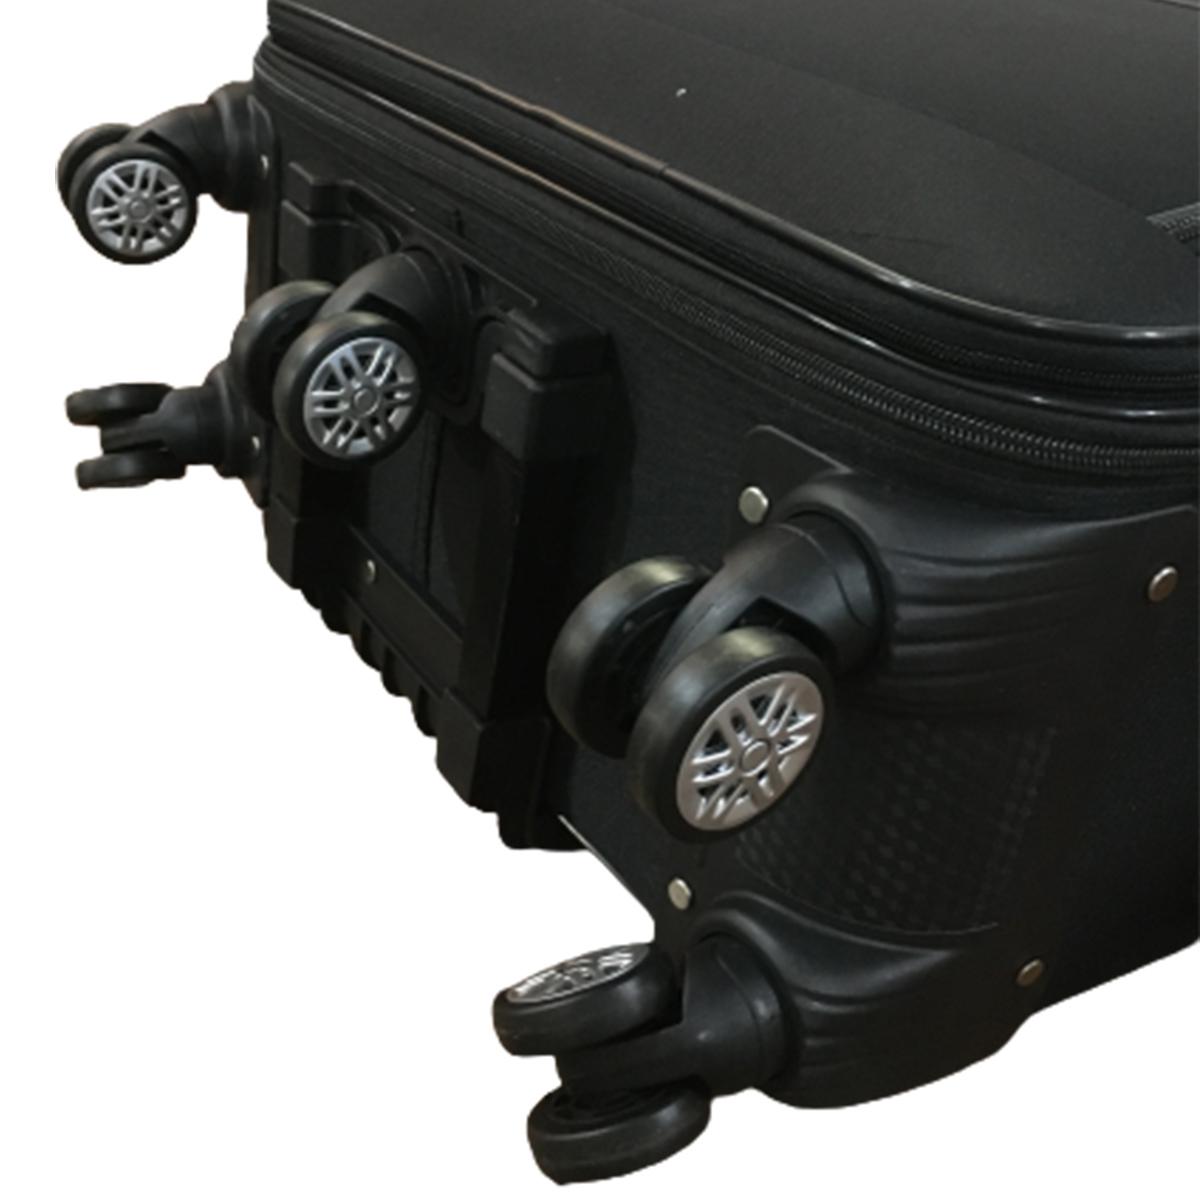 Mala para Viagem LX Travel Pequena 5 Rodinhas com Garantia